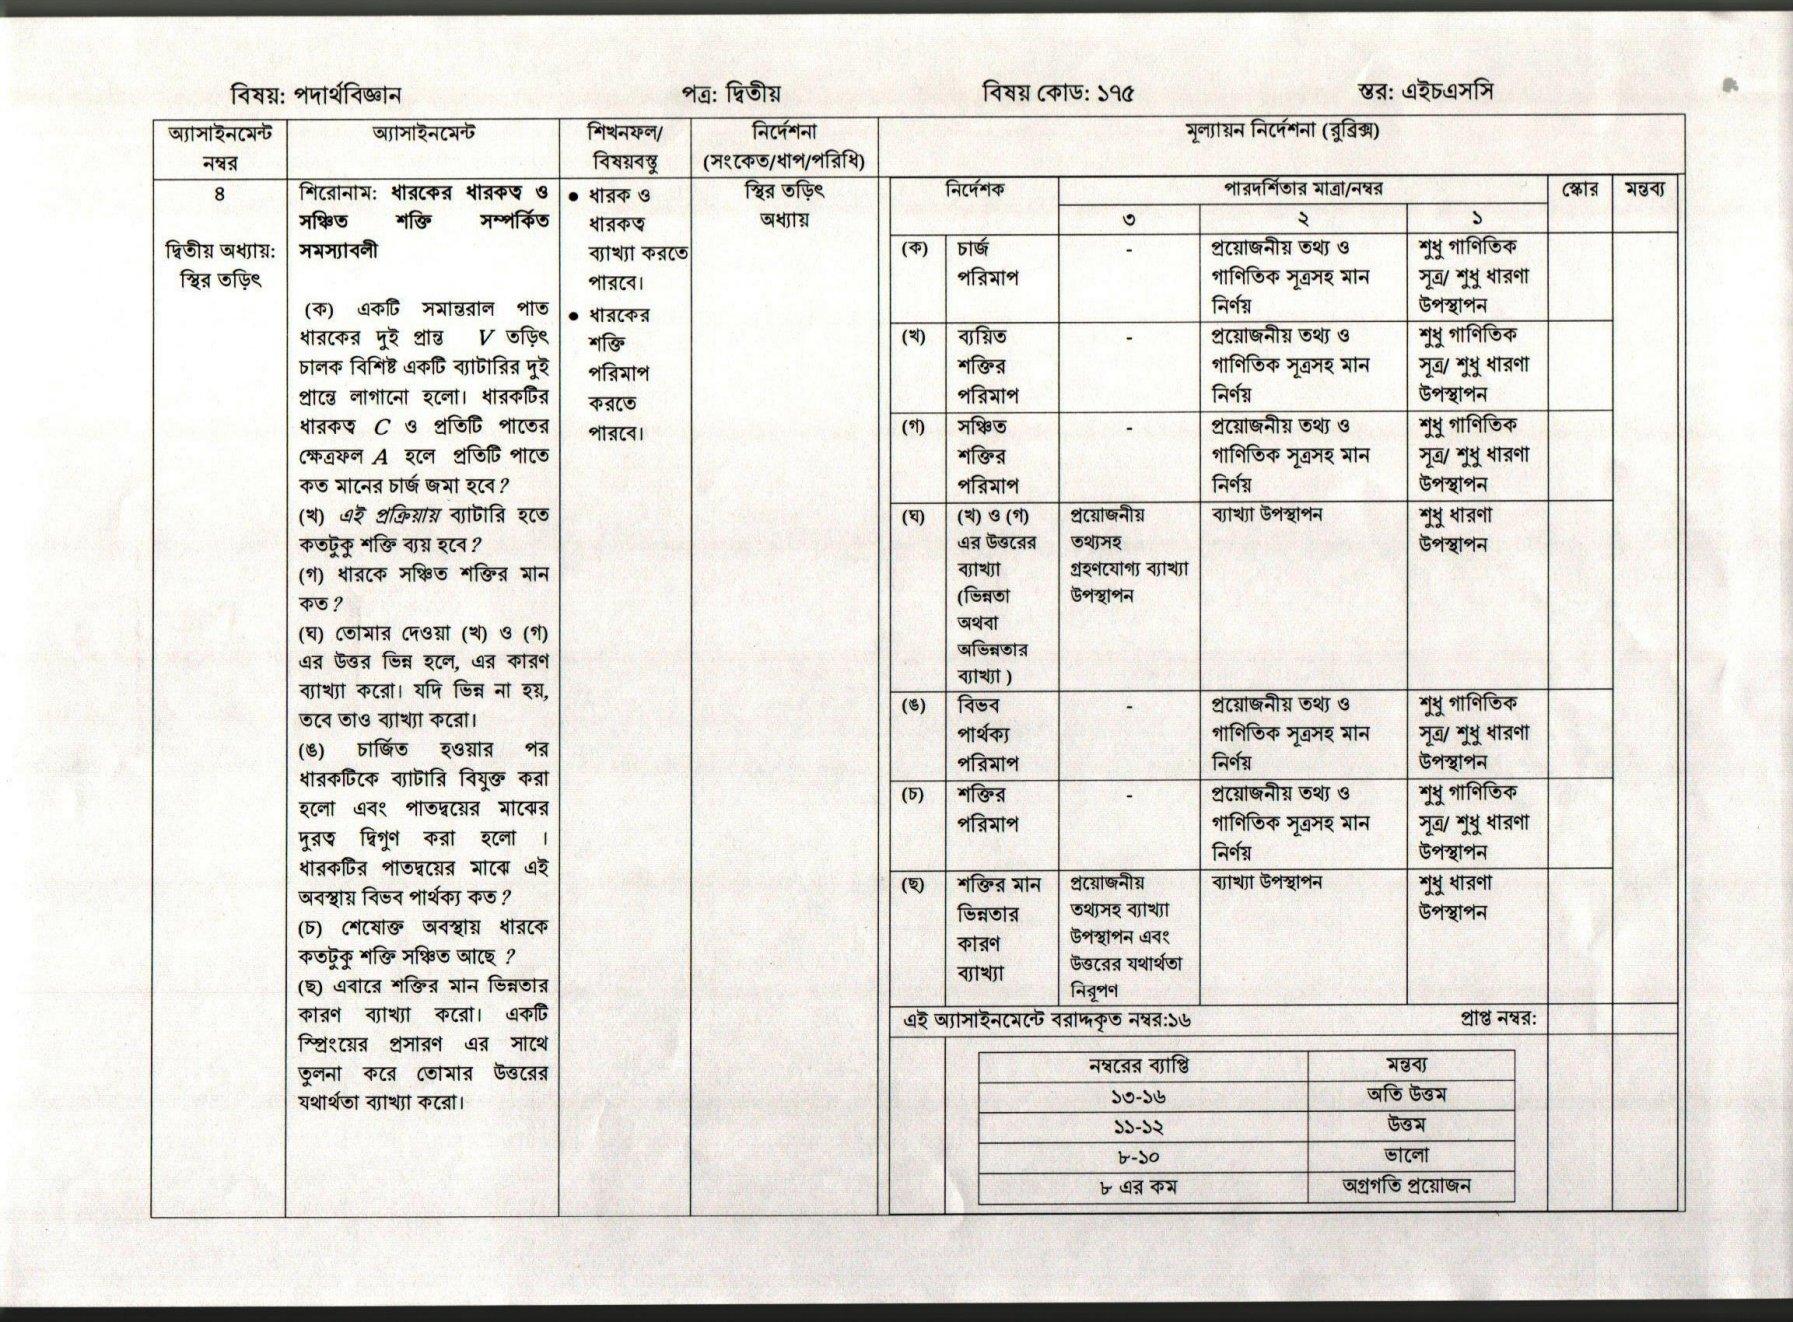 এইচএসসি ৭ম সপ্তাহের এসাইনমেন্ট ২০২২ সমাধান /উত্তর পদার্থবিজ্ঞান ২য় পত্র (এসাইনমেন্ট ৪)   এইচএসসি ৭ম সপ্তাহের পদার্থবিজ্ঞান ২য় পত্র এসাইনমেন্ট সমাধান /উত্তর ২০২২